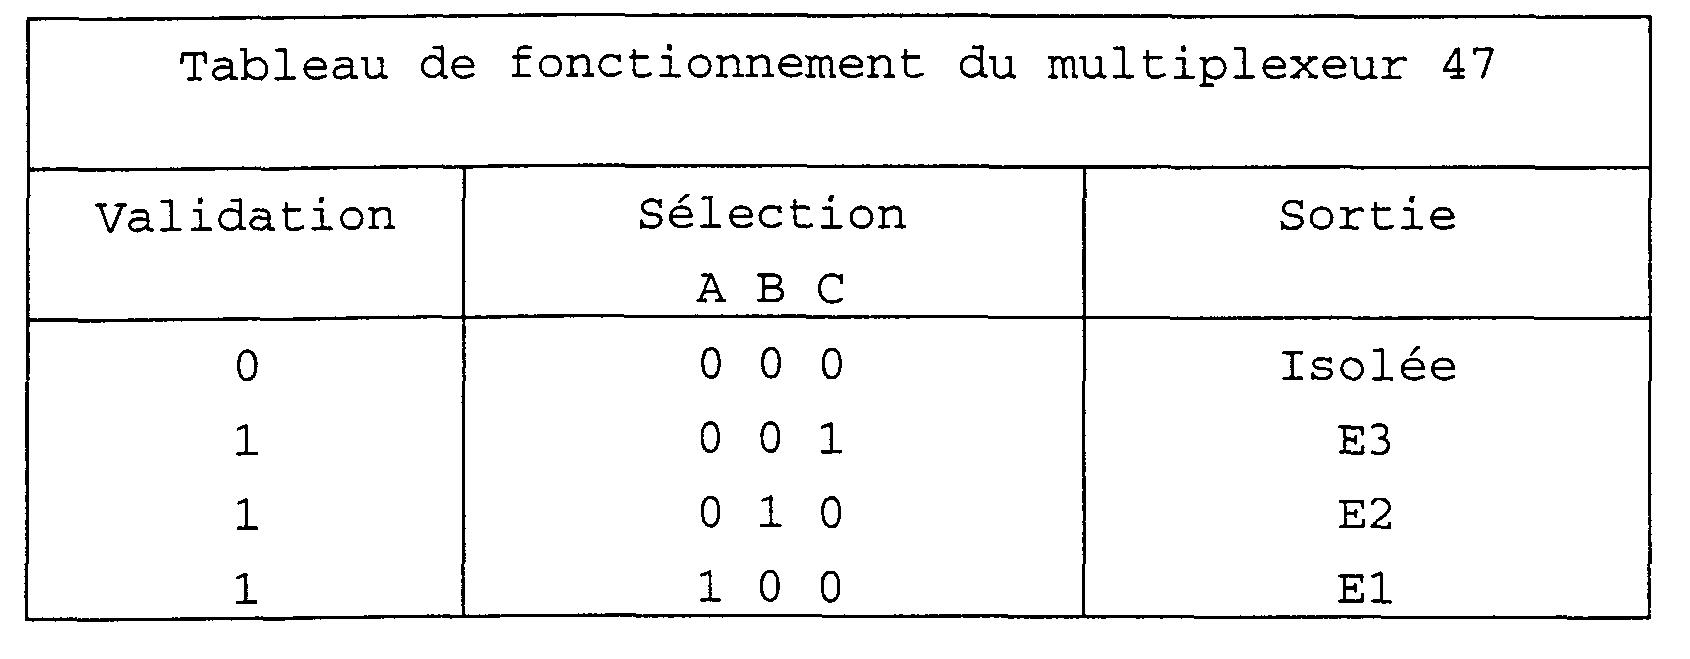 Figure img00200002